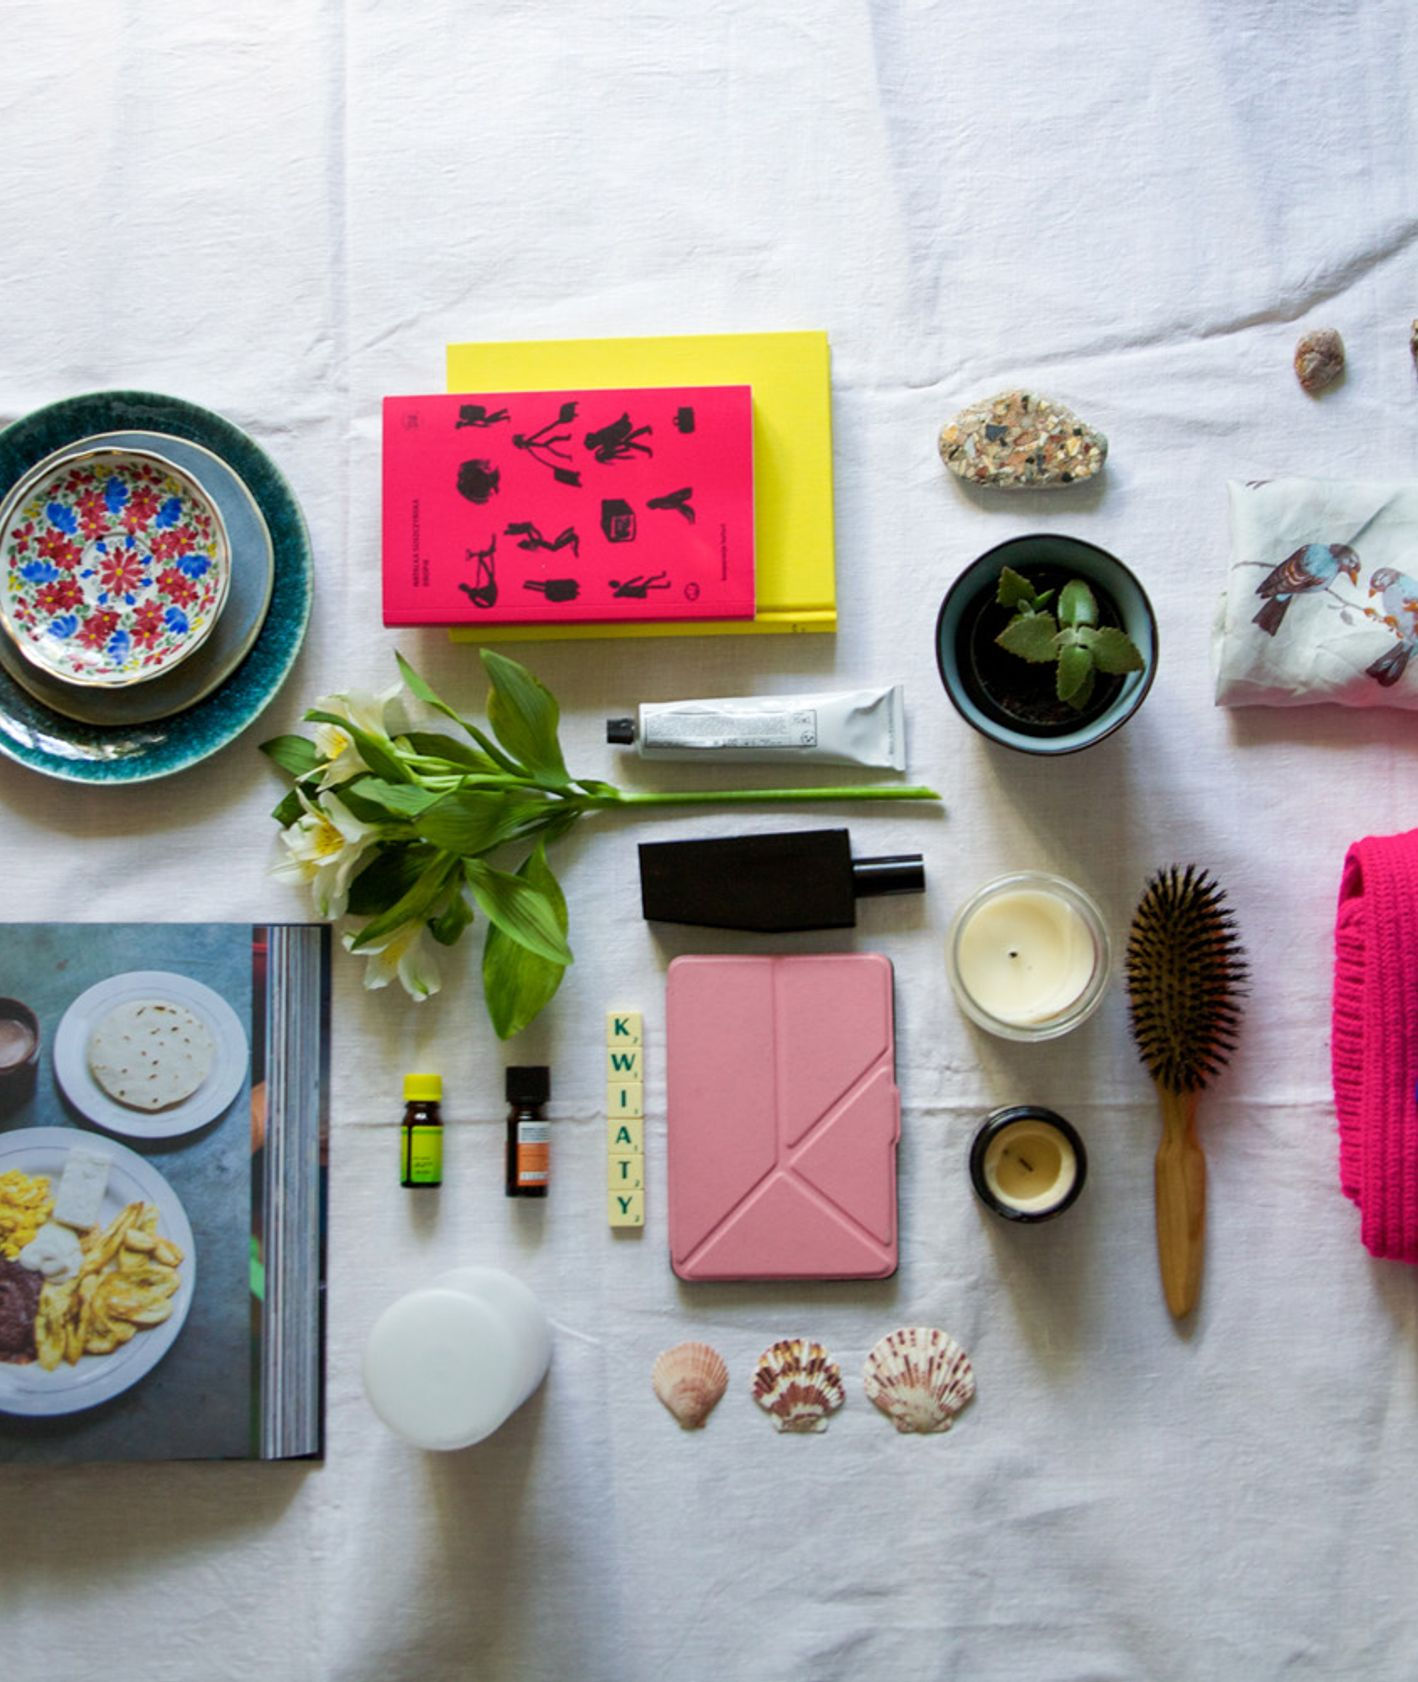 Naczynia, książki, ubrania, szczotka do włosów, książka, rośliny, olejki zapachowe, świeczki, kosmetyki i dyfuzor ułożone w kompozycji (fot. Anna Czajkowska)